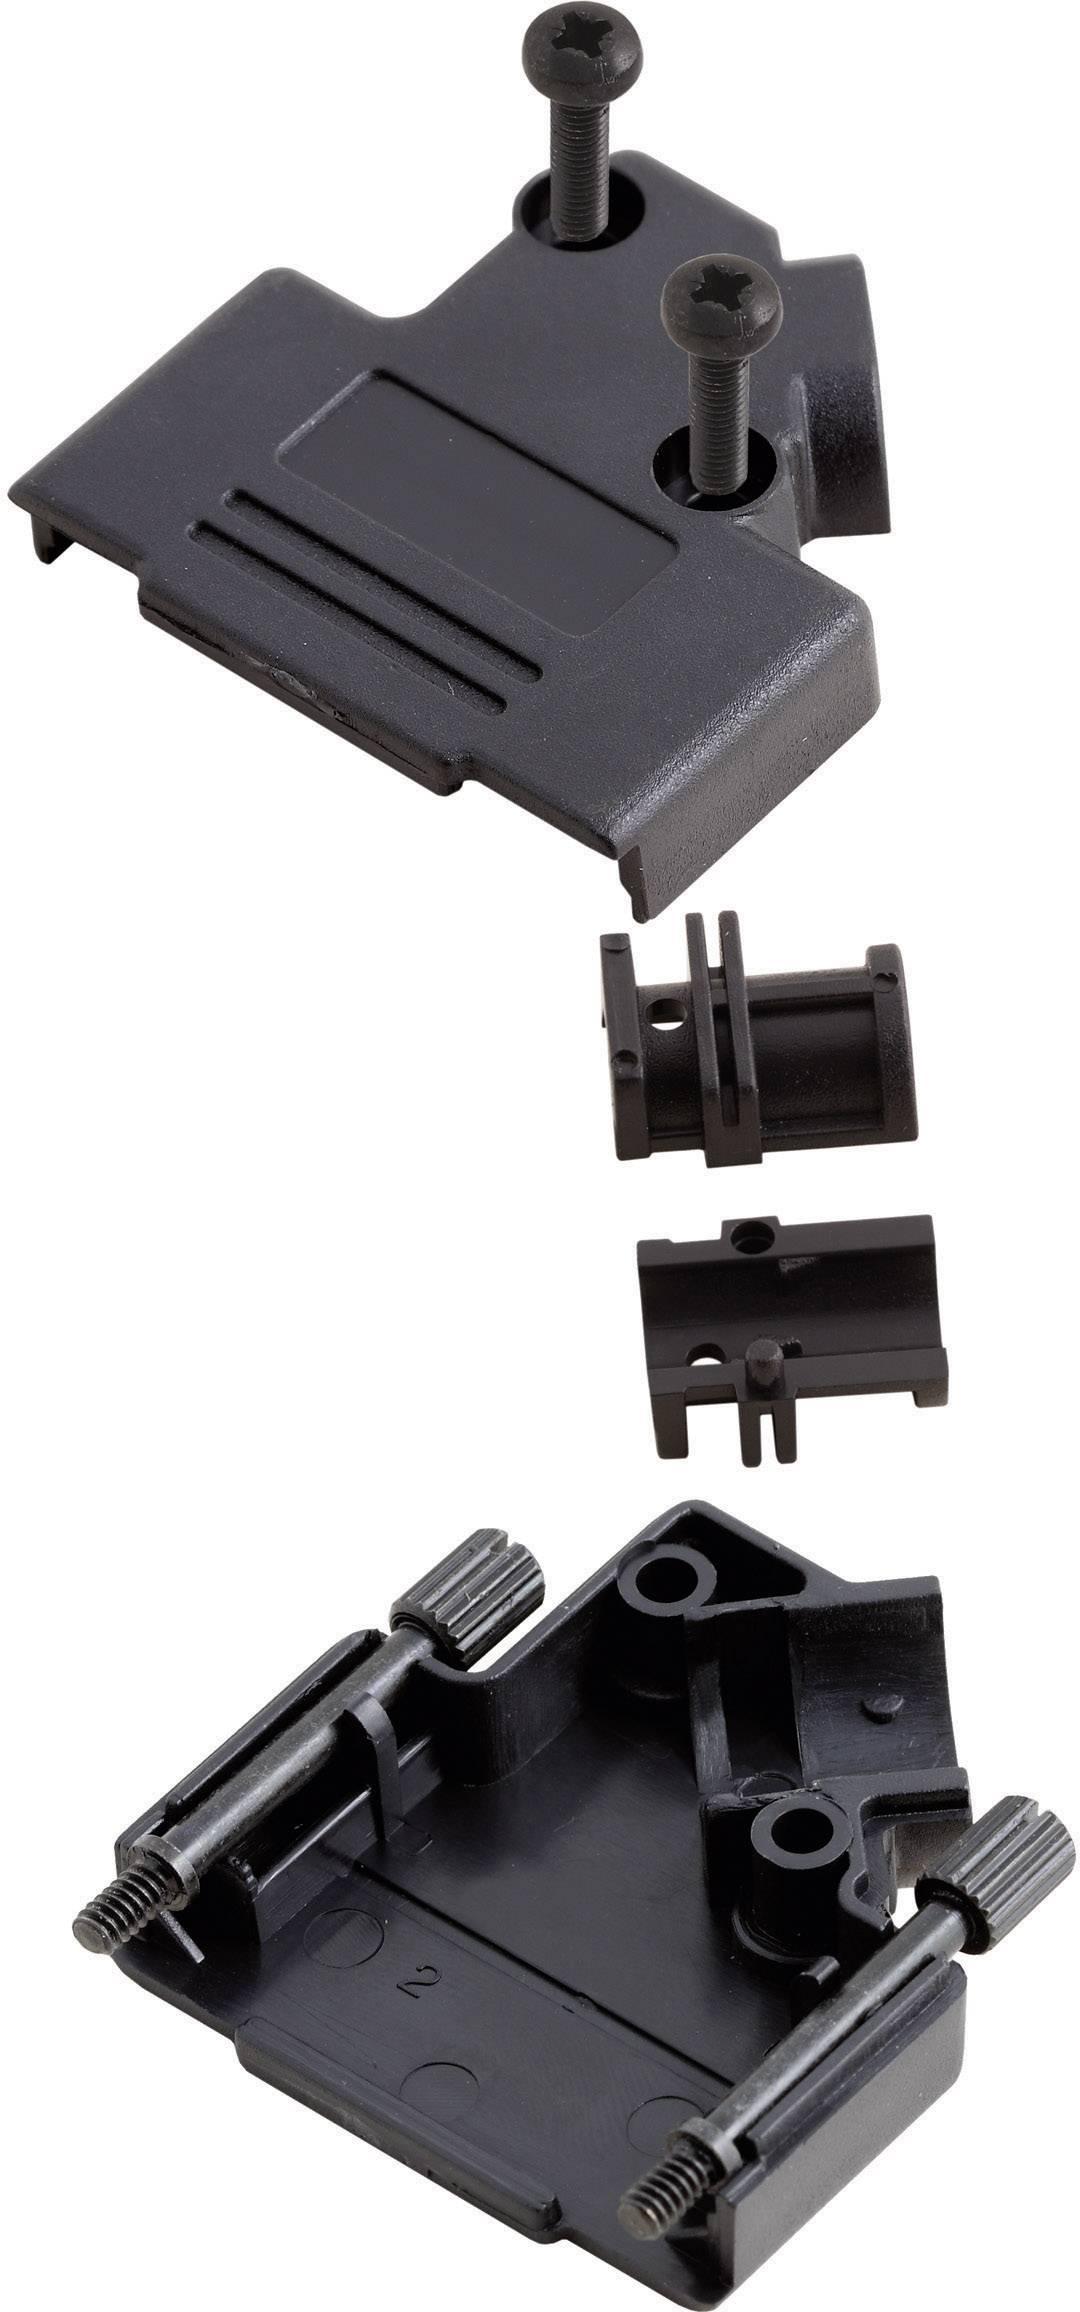 D-SUB pouzdro MH Connectors MHD45PPK-25-BK-K 6560-0107-13, Pólů: 25, plast, 45 °, černá, 1 ks